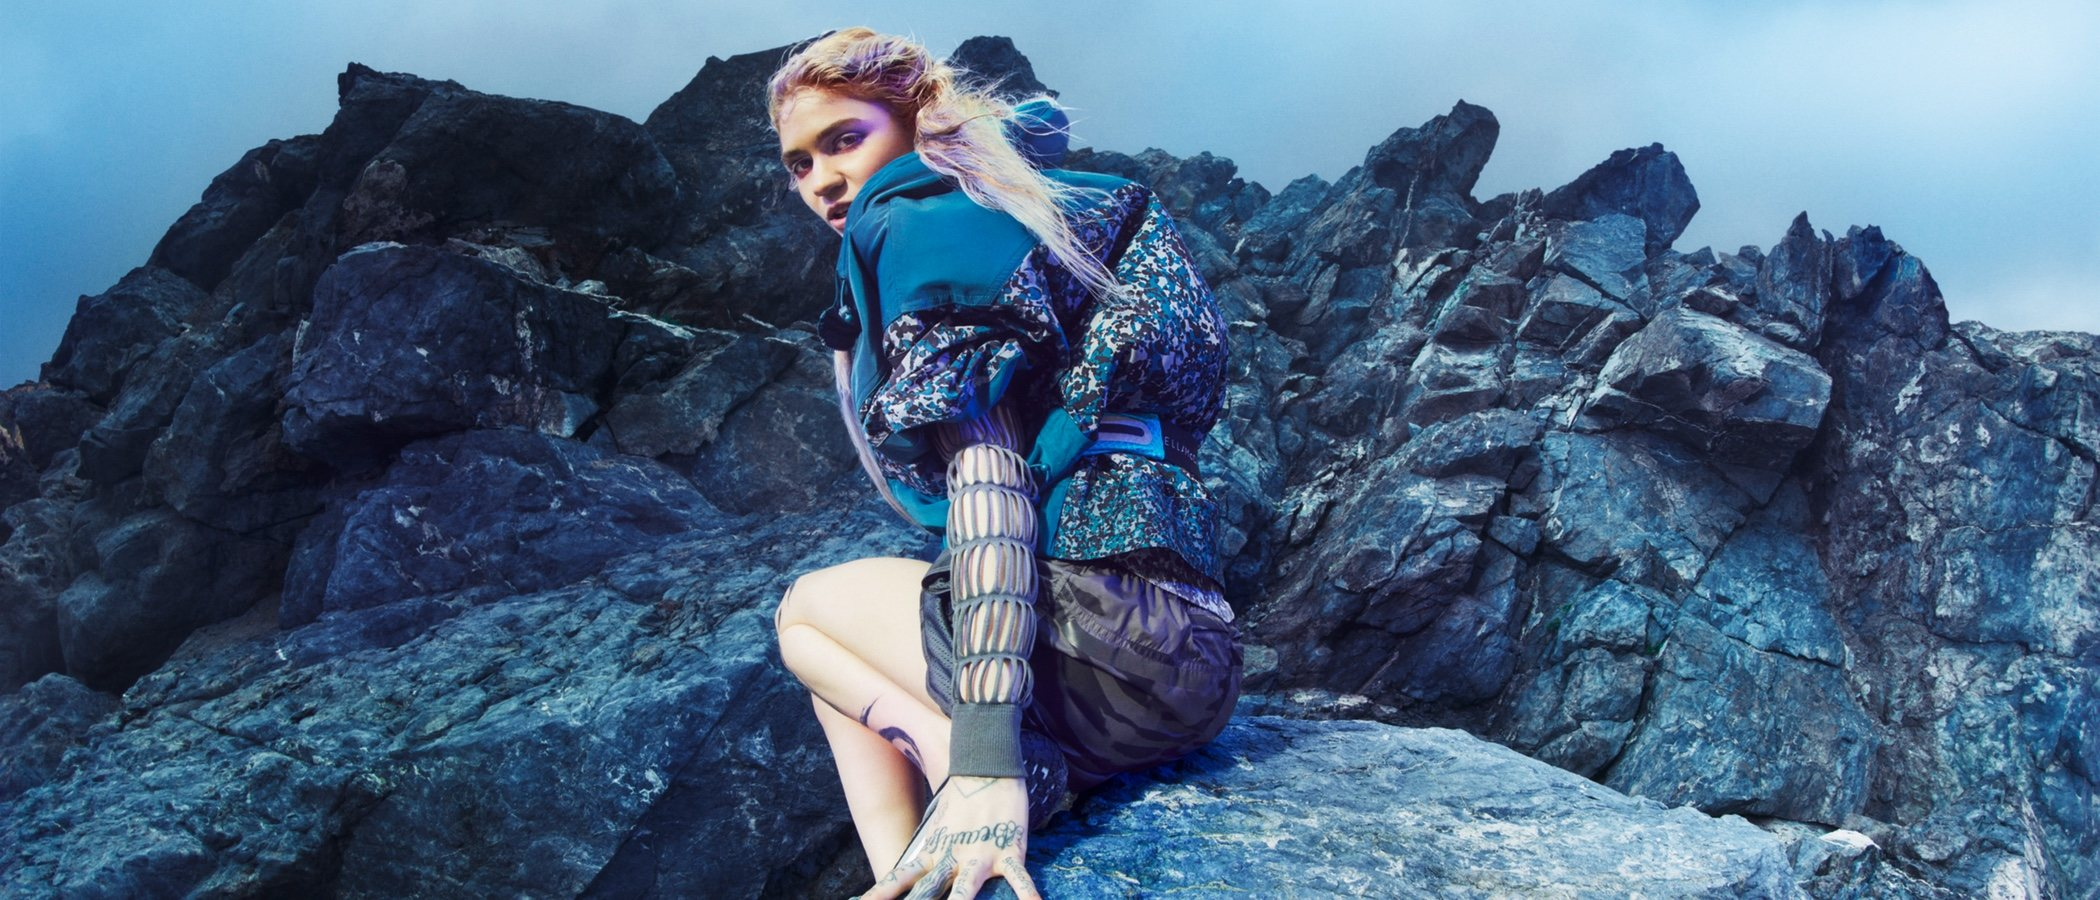 Adidas by Stella McCartney para otoño 2019, la colección más sostenible y con más estilo de firma deportiva